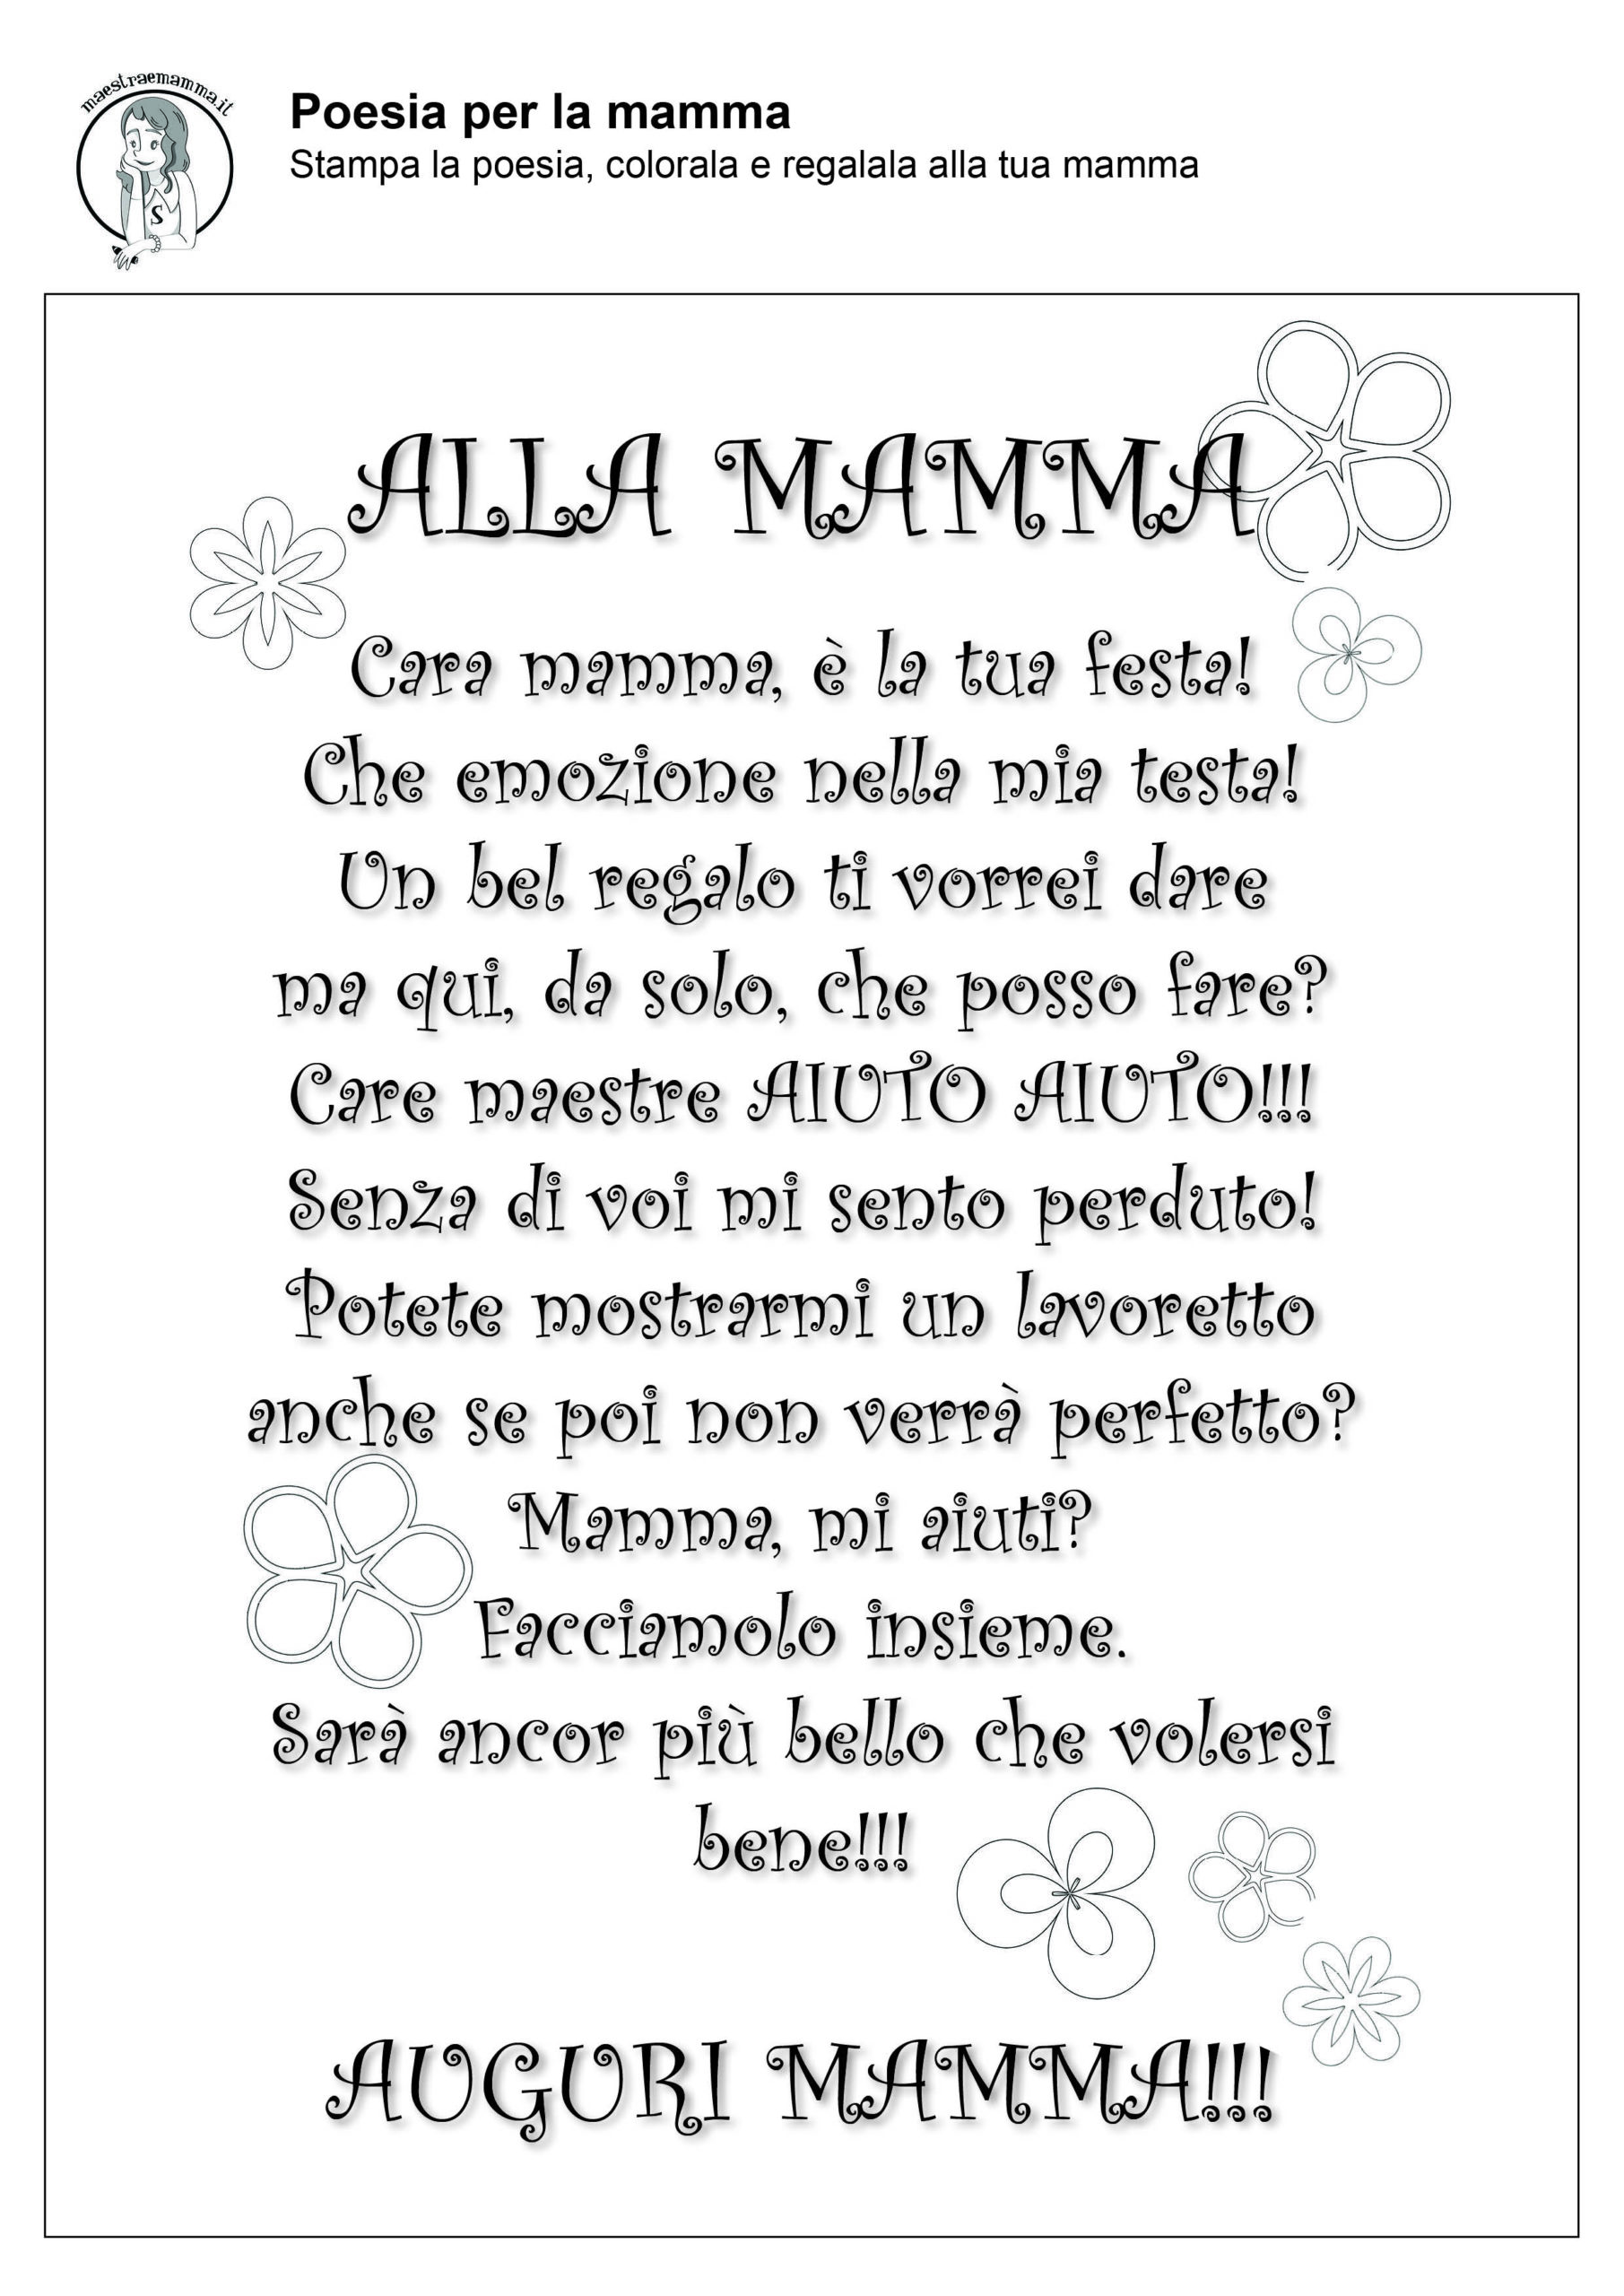 Poesia per la festa della mamma in quarantena | Maestraemamma